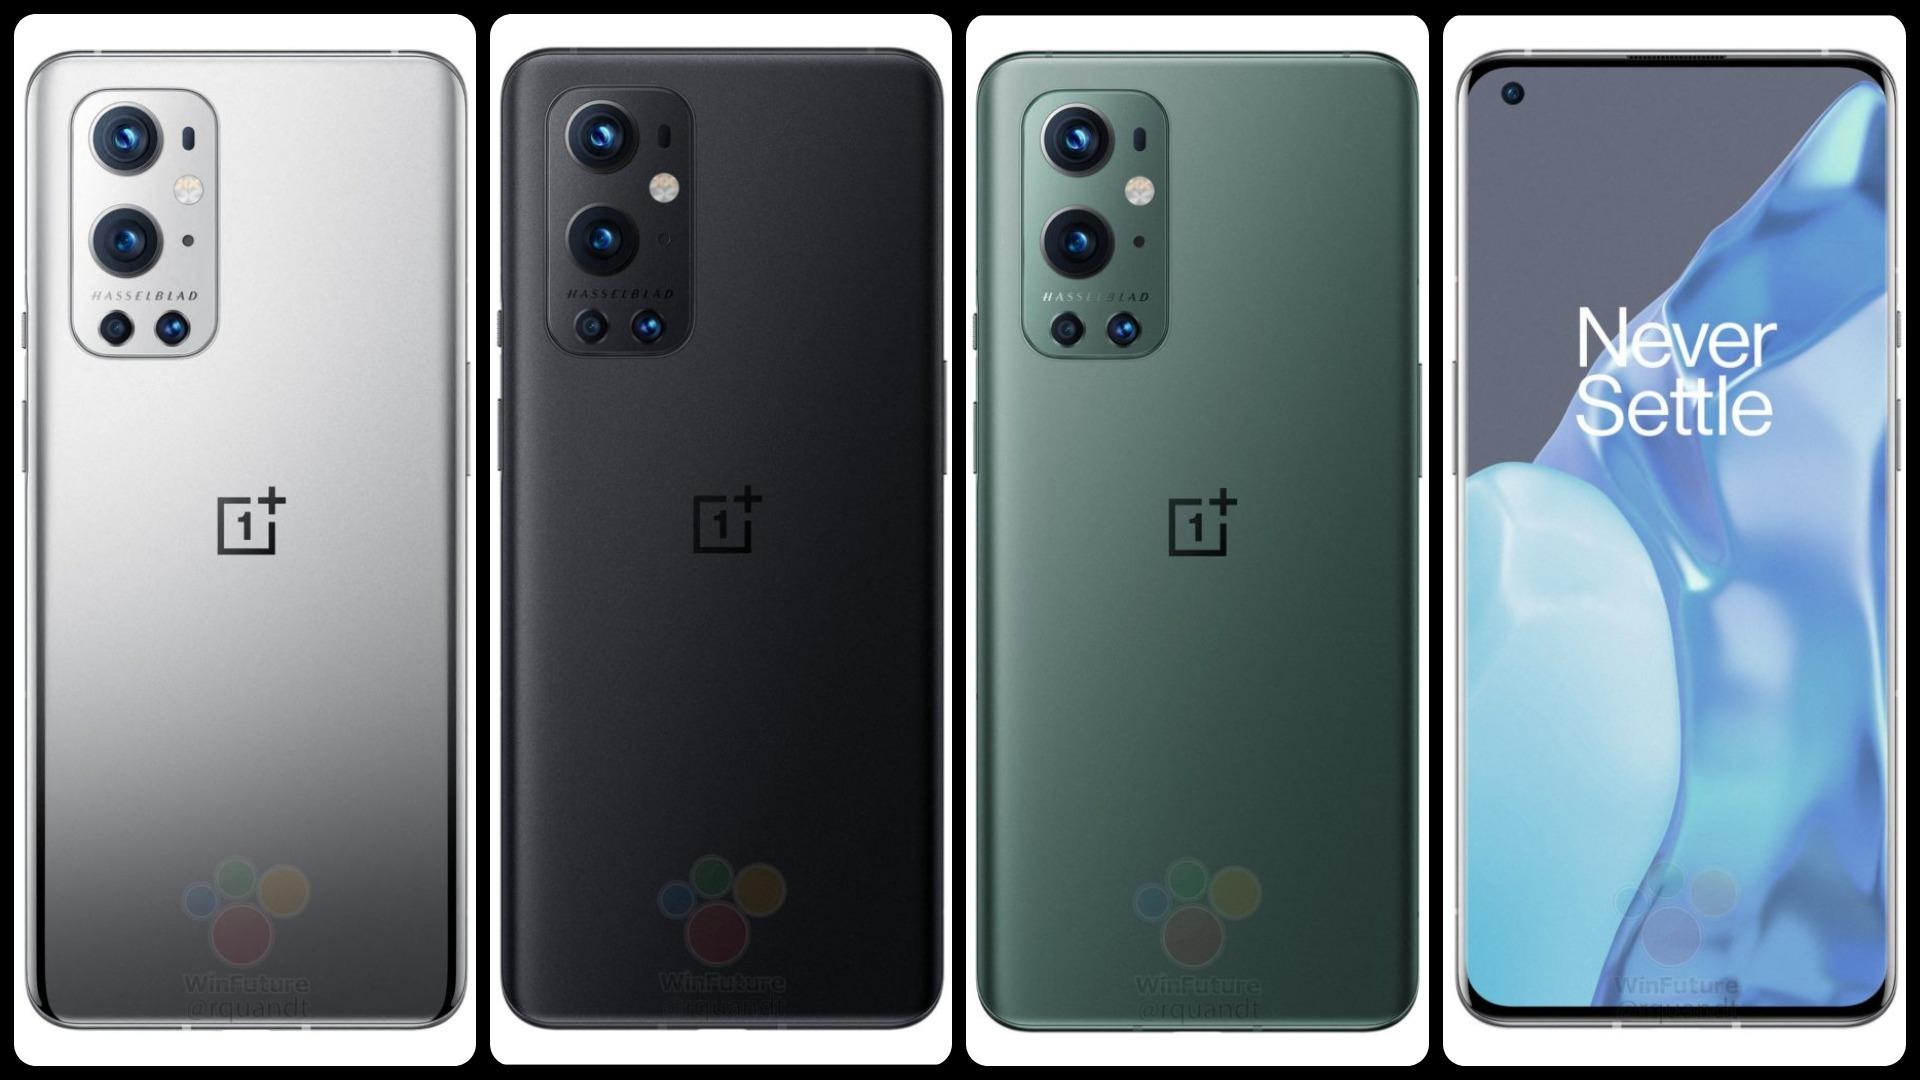 В Сеть утекли официальные рендеры OnePlus 9 и OnePlus 9 Pro